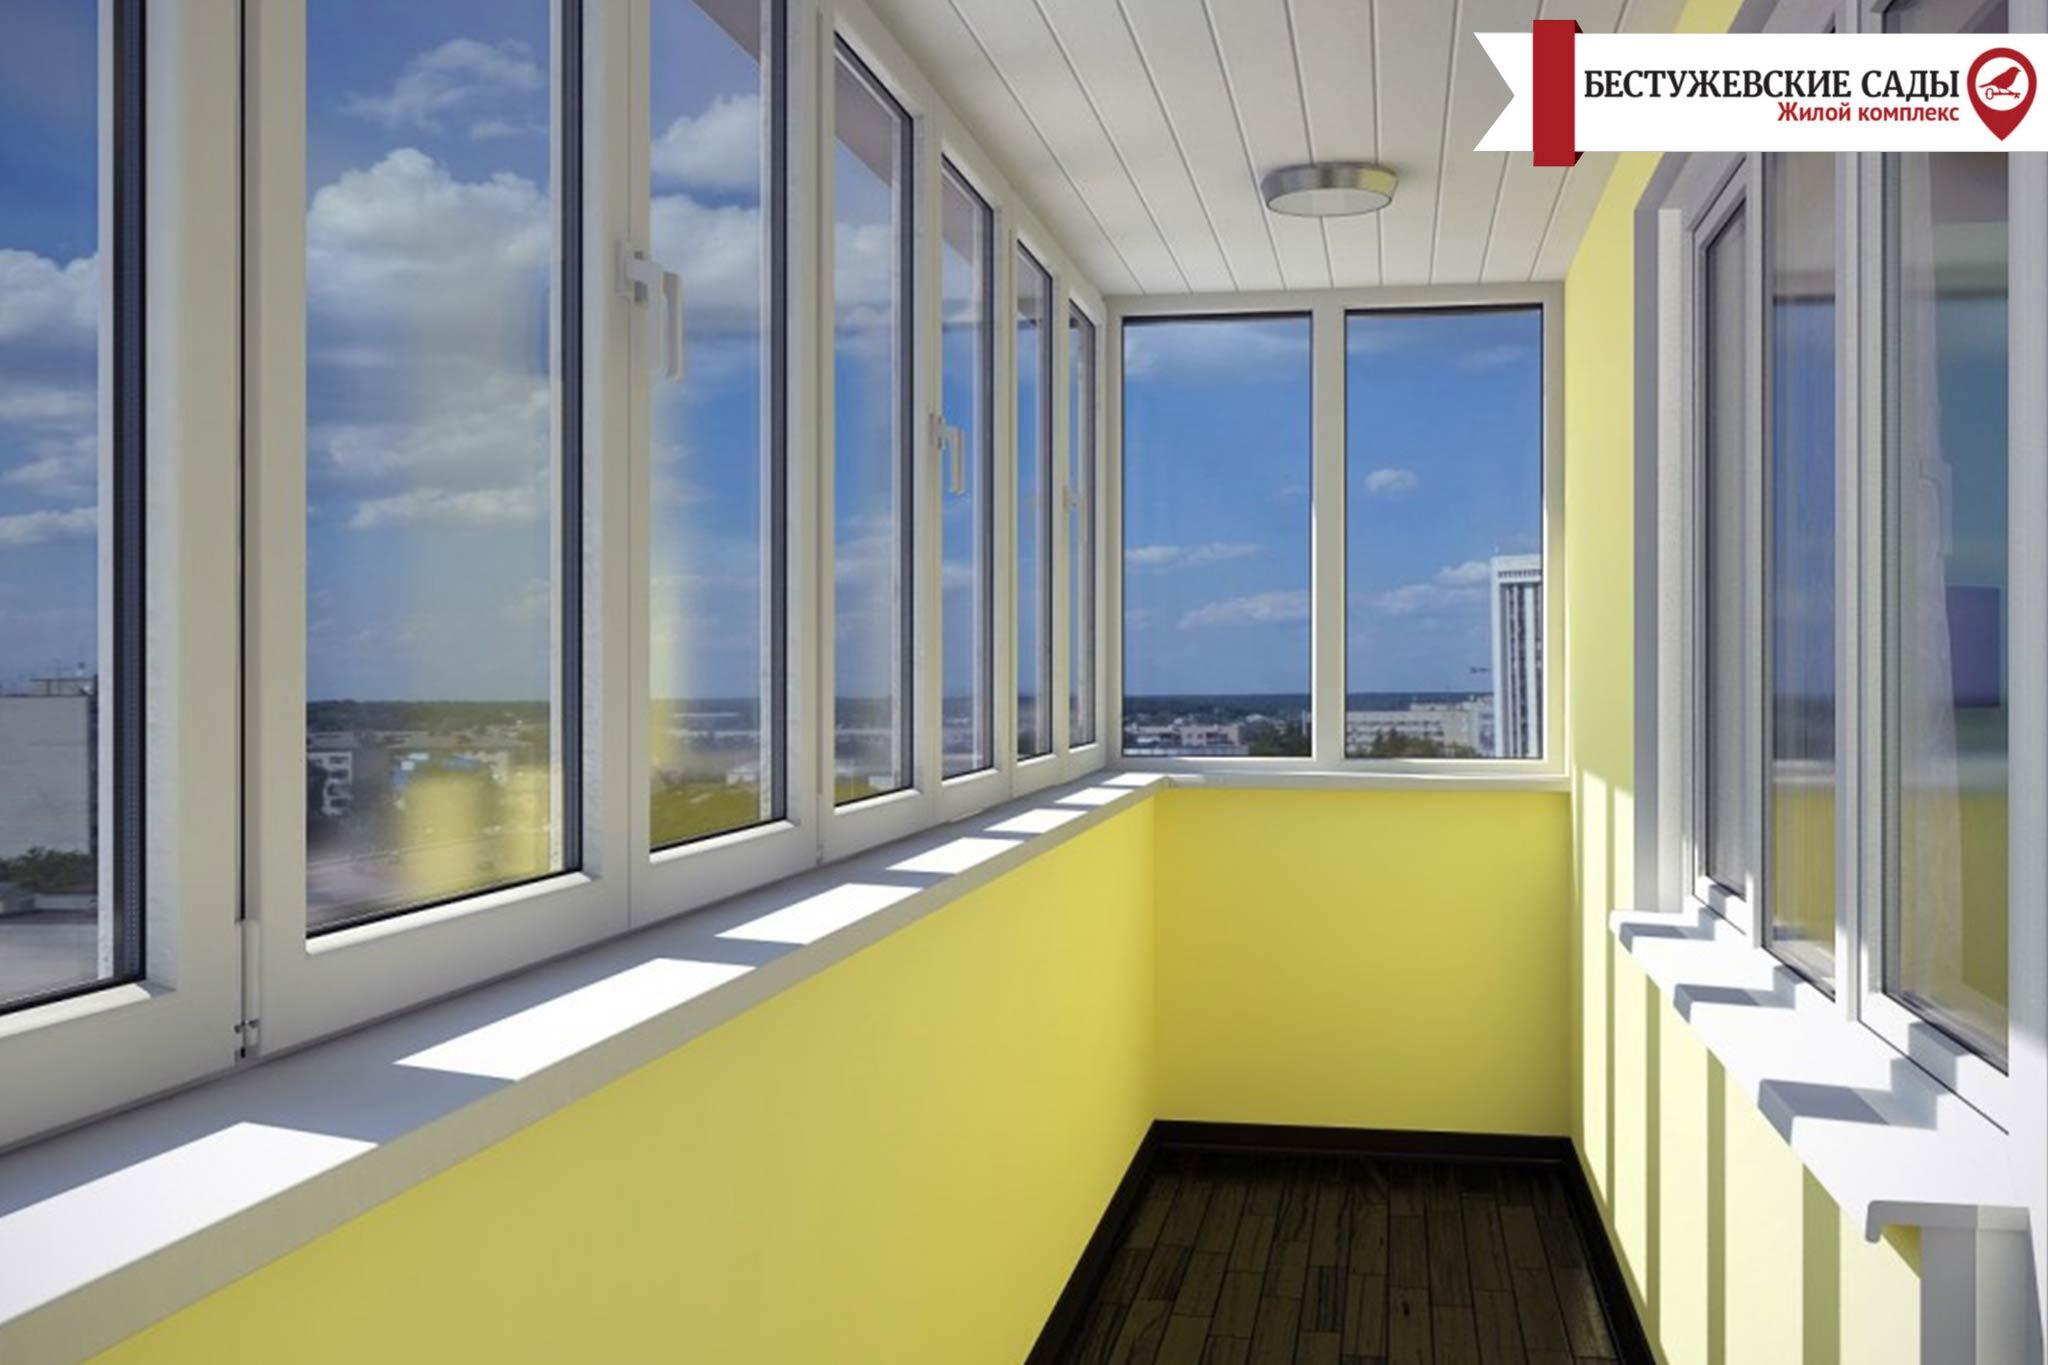 Плюси і мінуси балкона в малогабаритній квартирі.